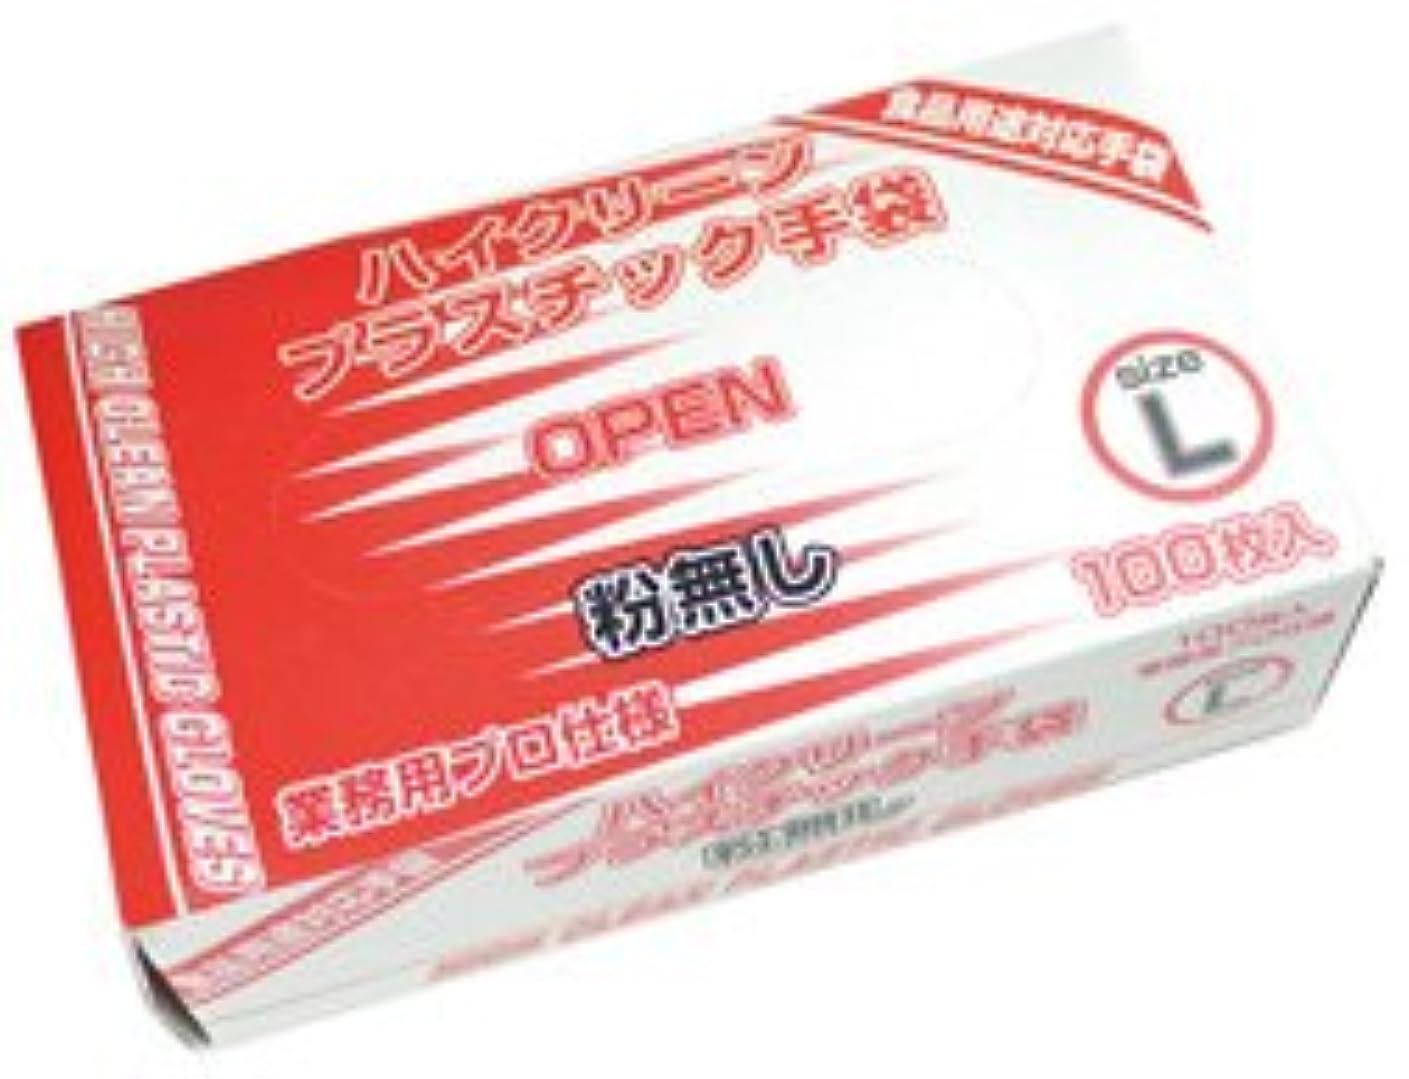 効果的にキャリッジ戻るハイクリーン プラスチック手袋 粉無 L 100枚入